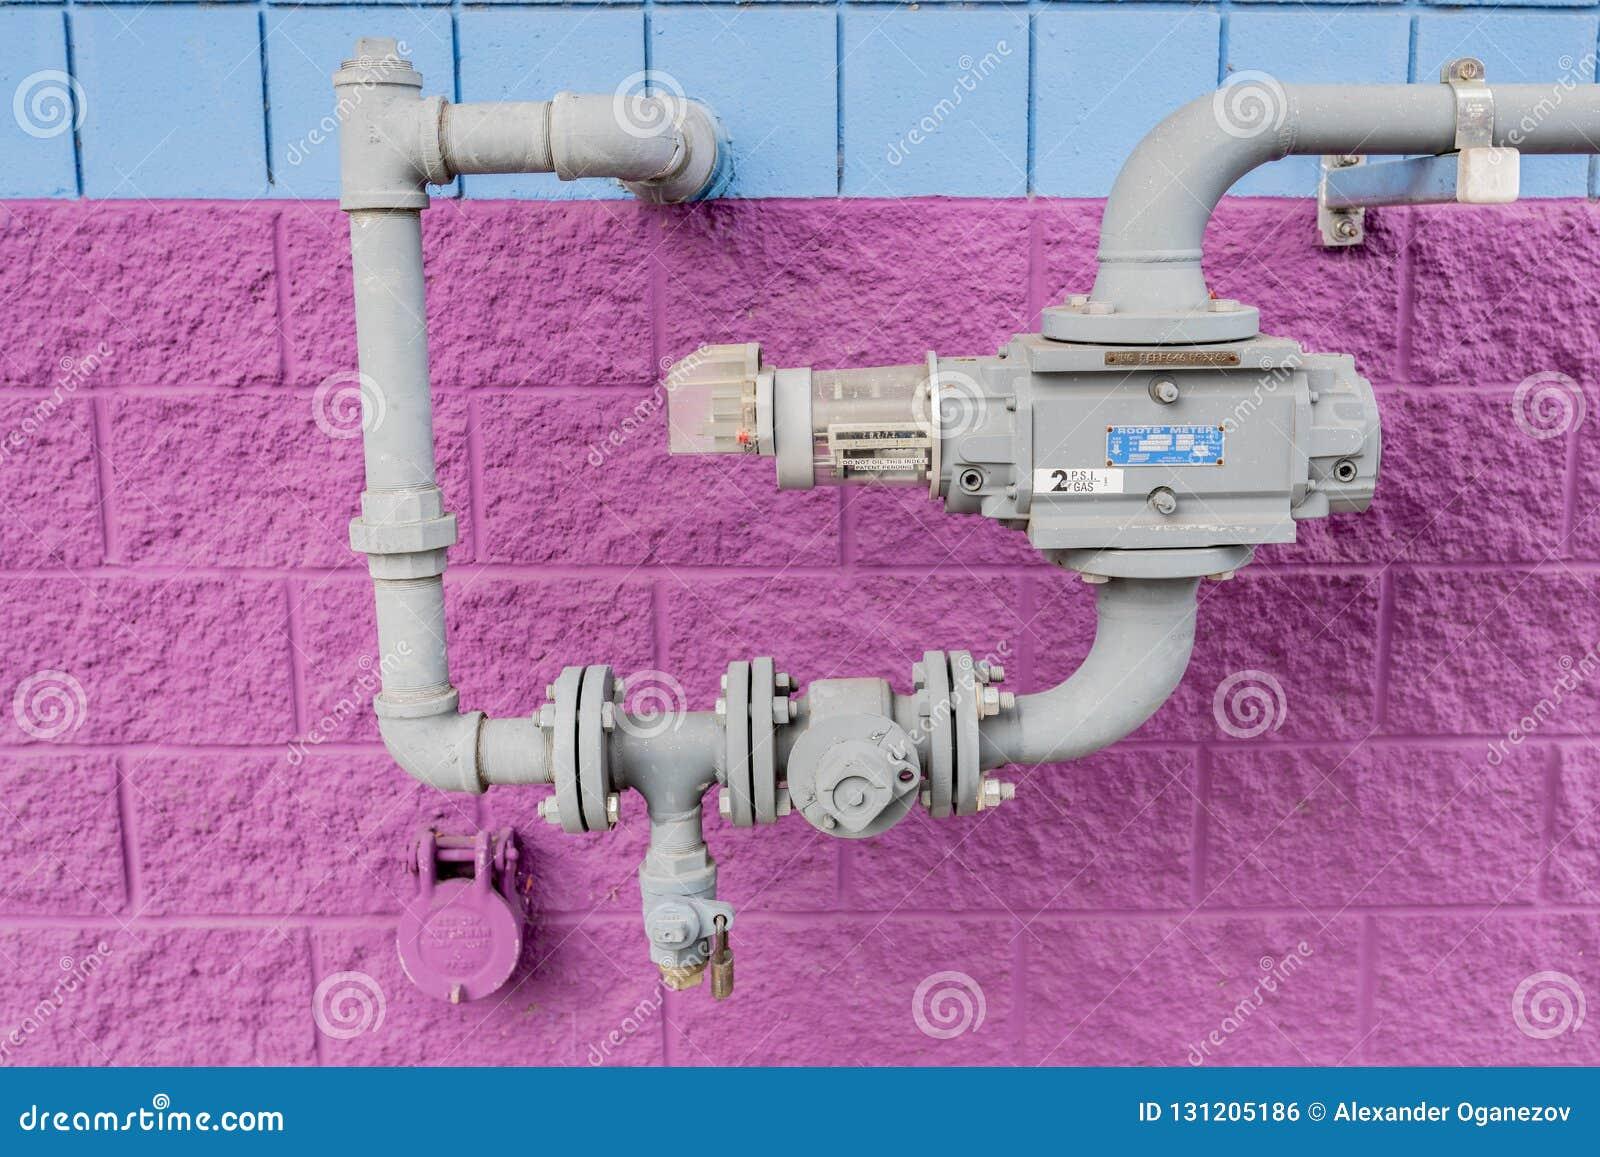 Compteur à gaz naturel sur un tuyau